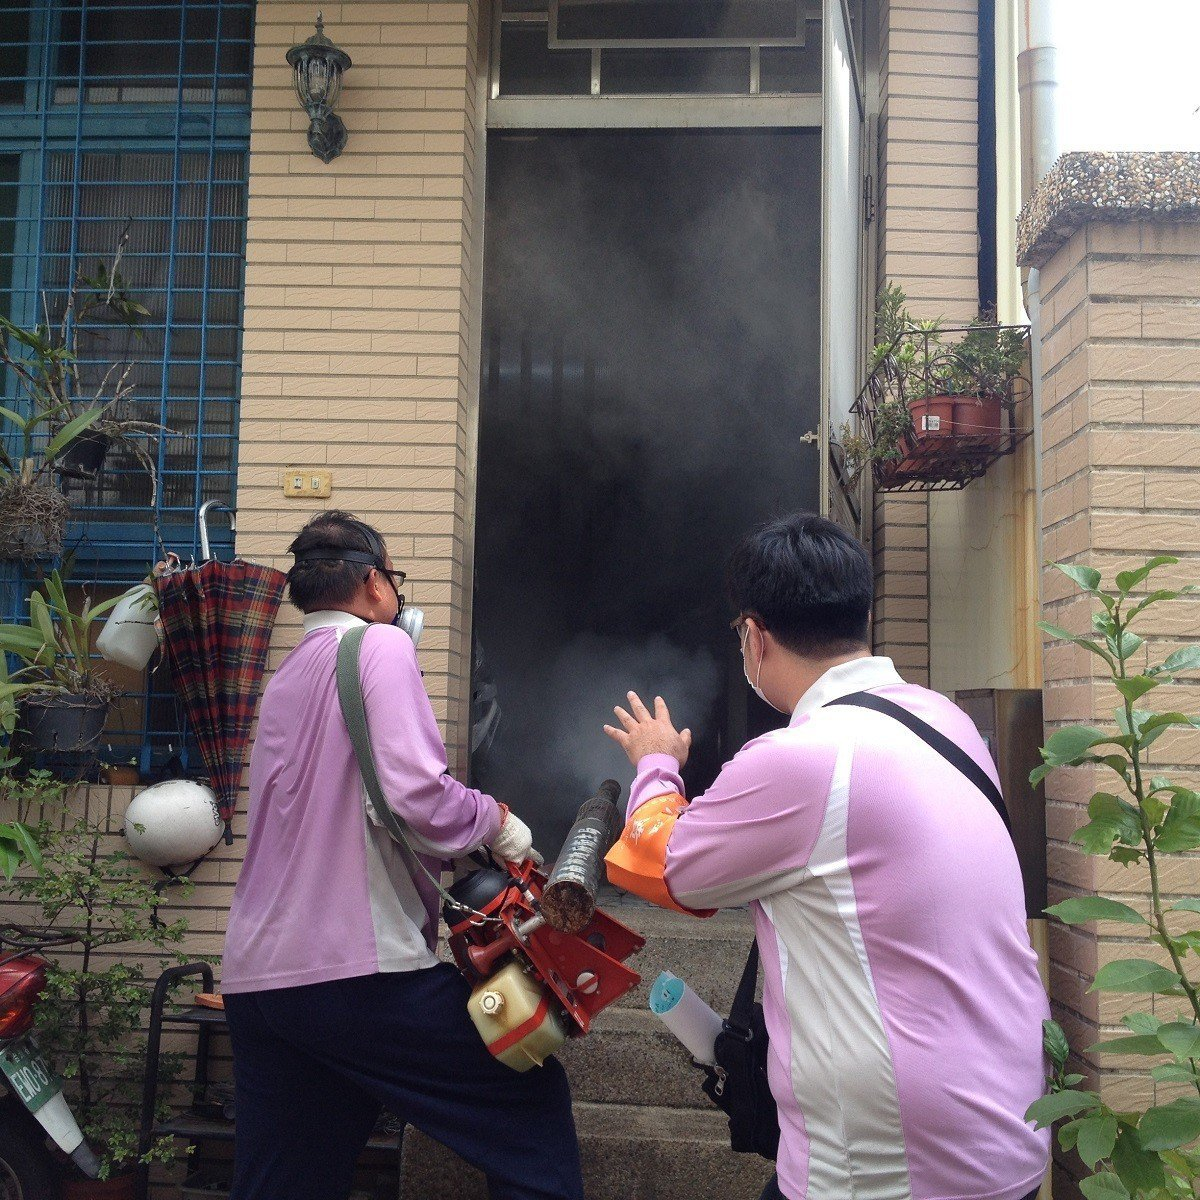 戶內化學防治。圖/台南市衛生局提供